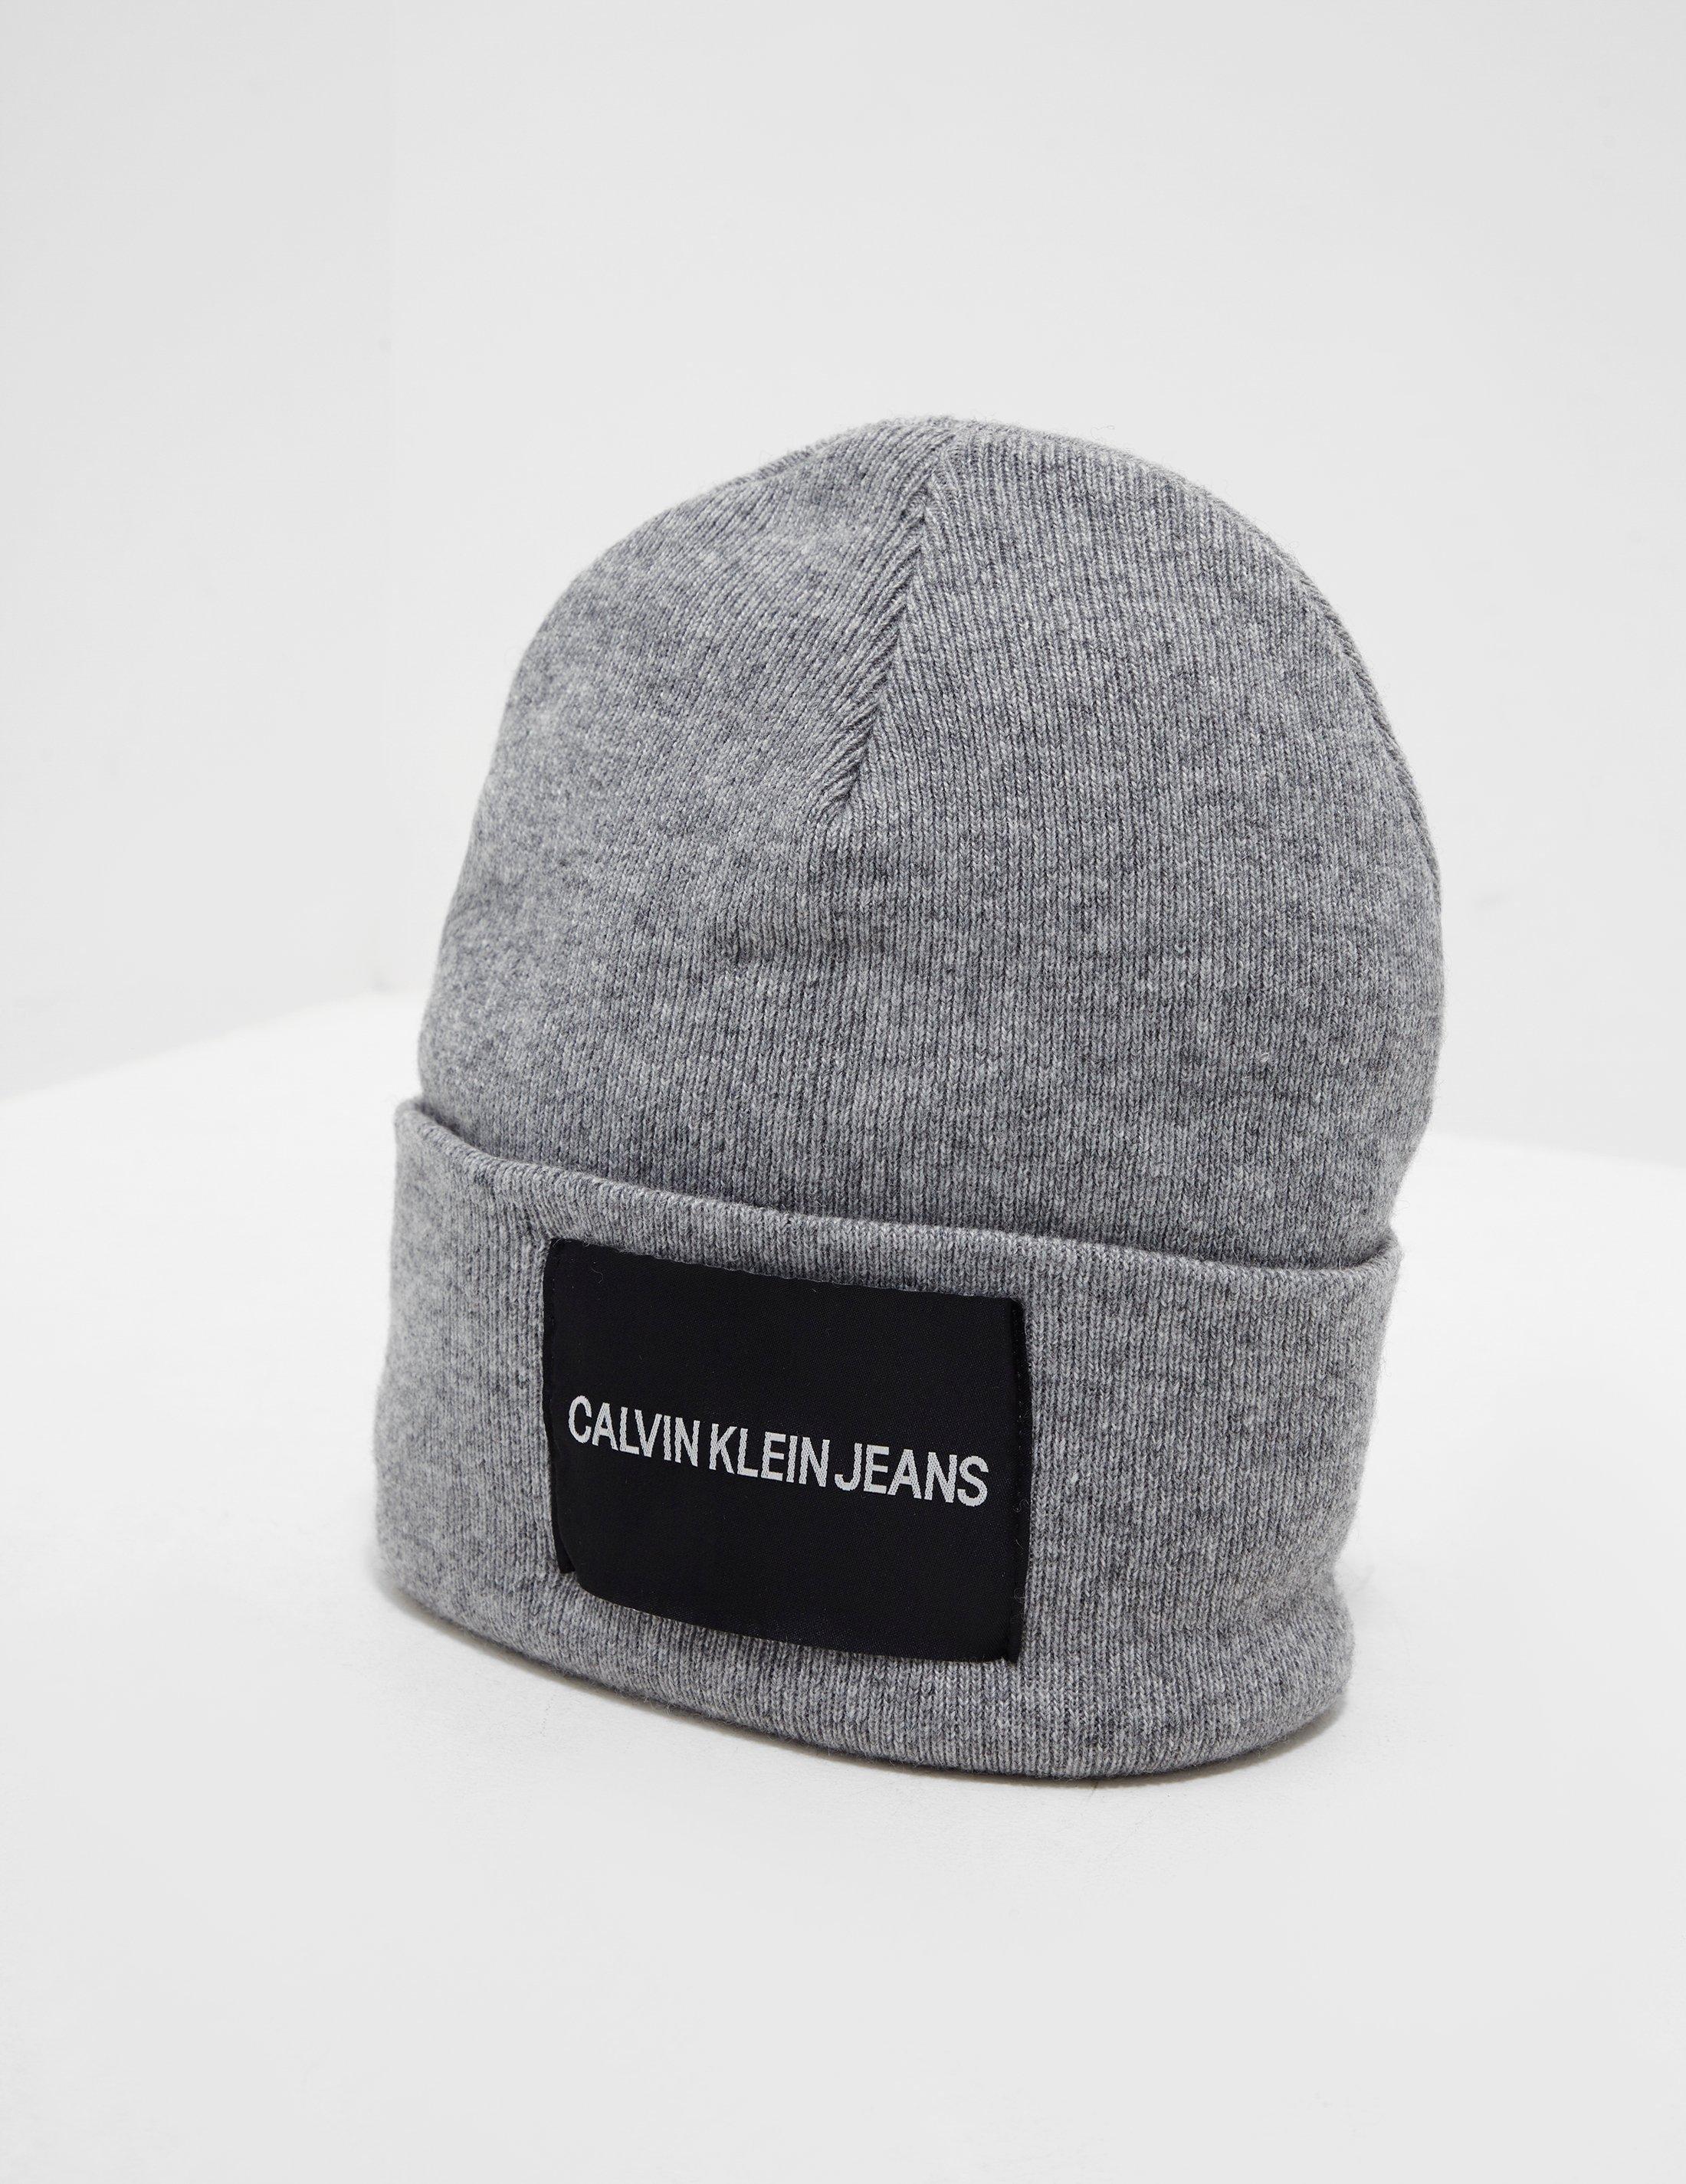 9bd8cf6c9b40 Calvin Klein Patch Beanie Grey in Gray for Men - Lyst